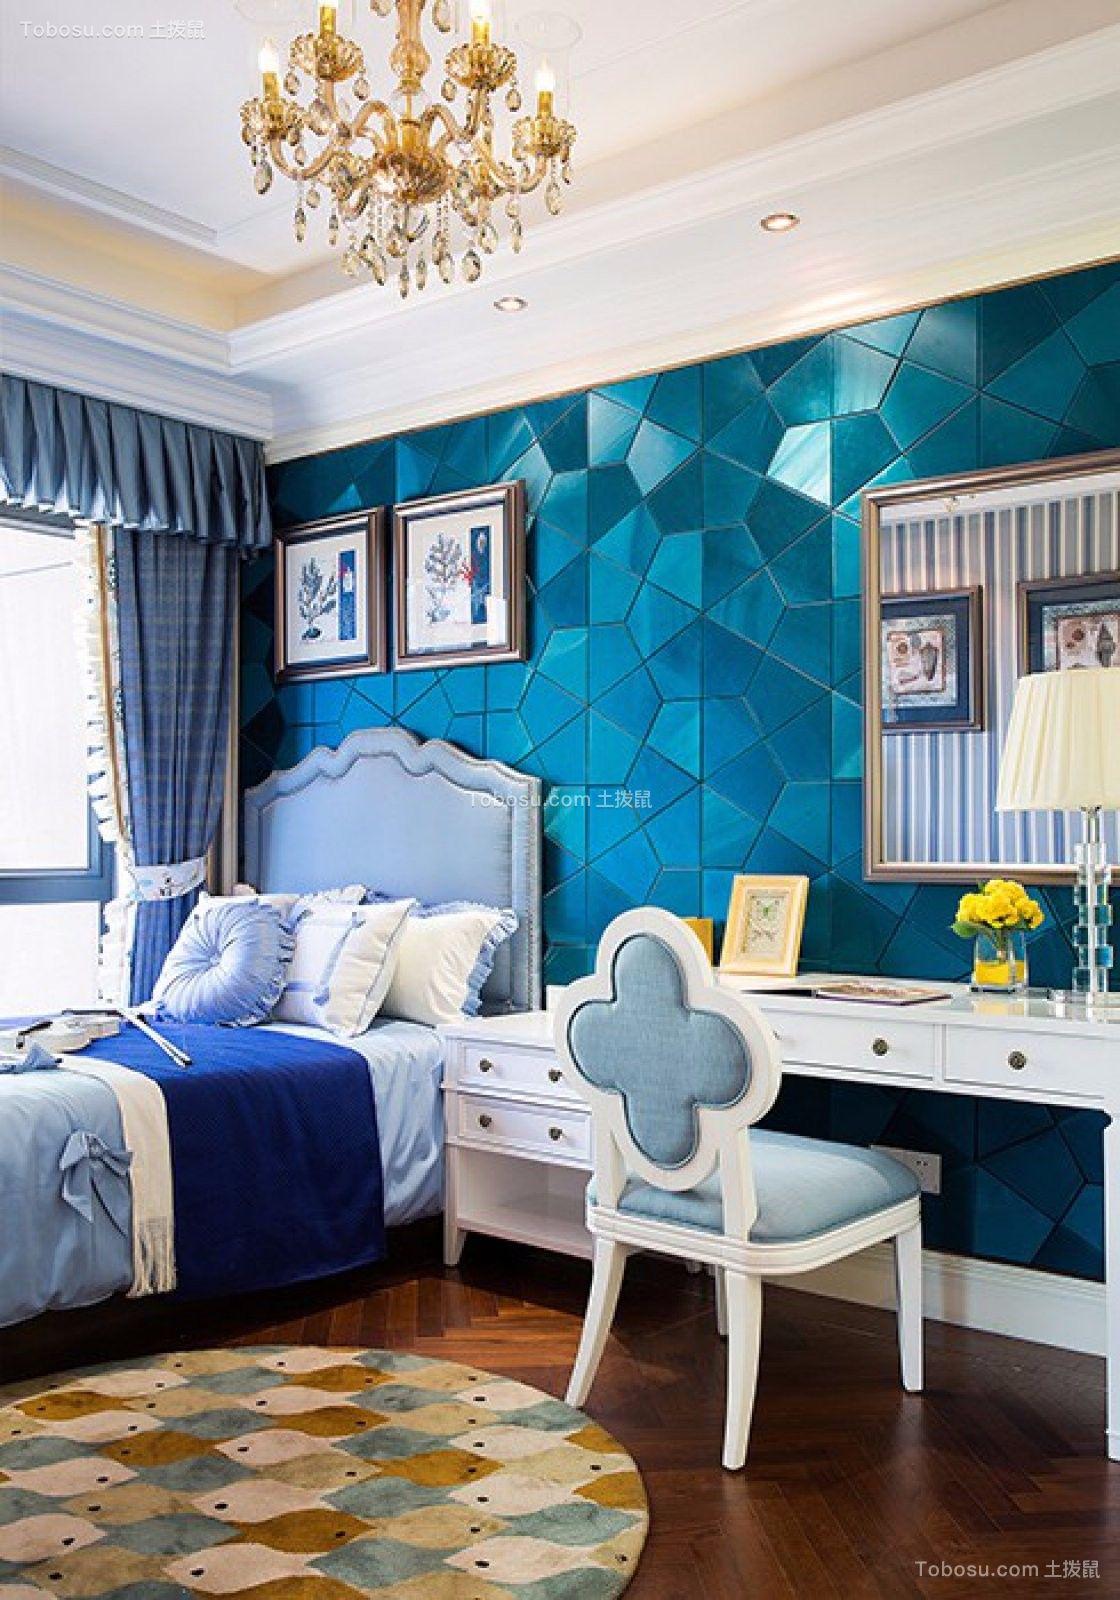 卧室蓝色背景墙欧式田园风格装饰图片